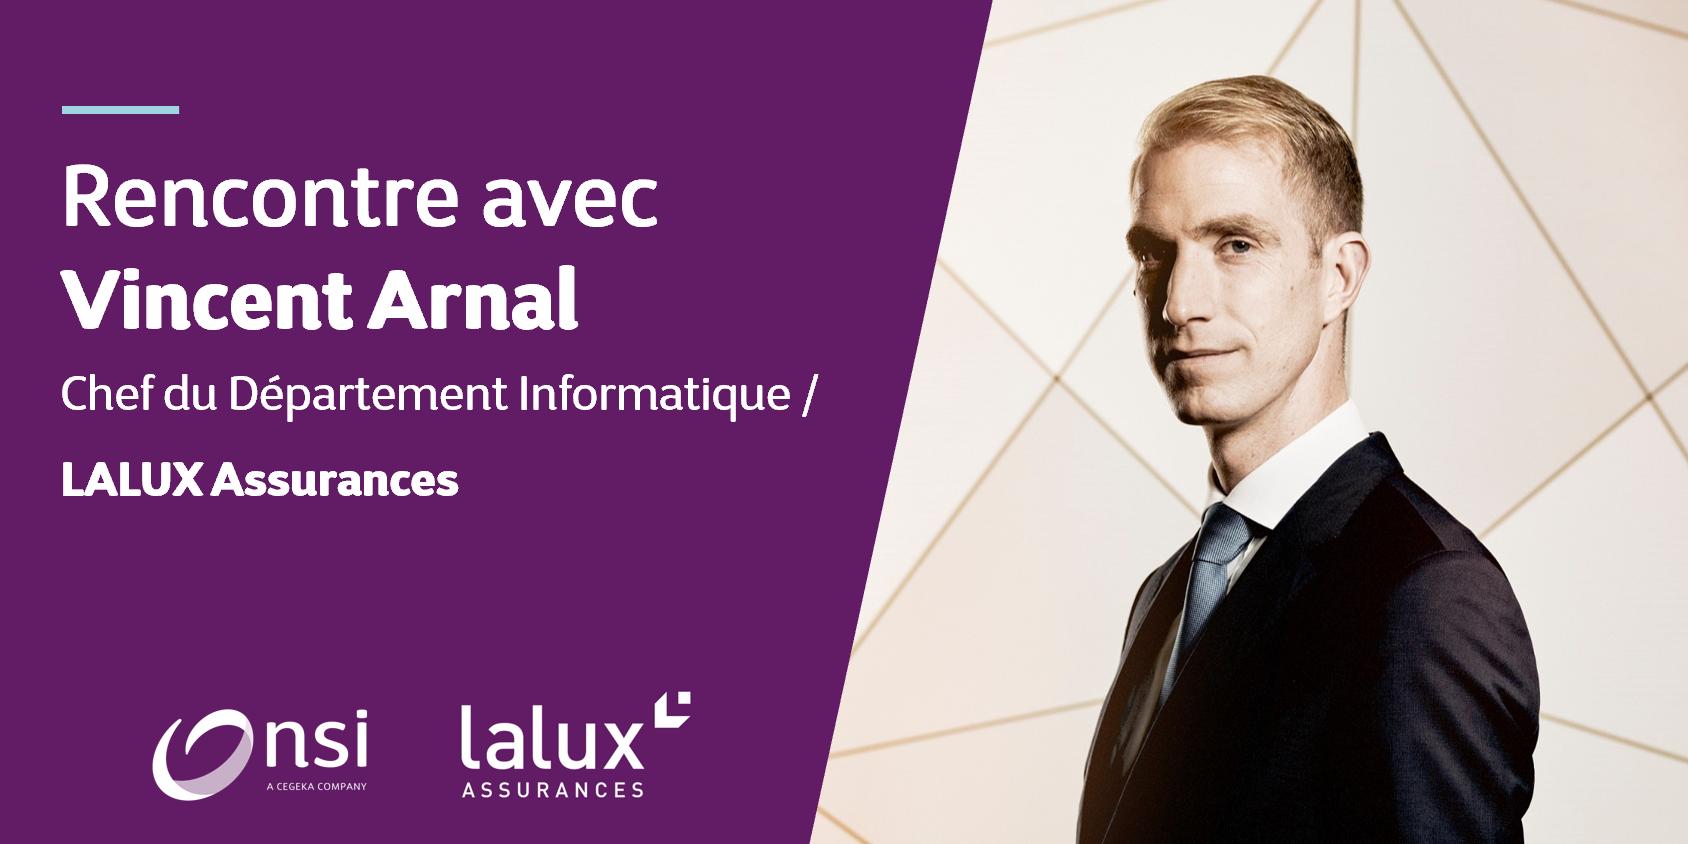 LALUX Assurances - Vincent Arnal